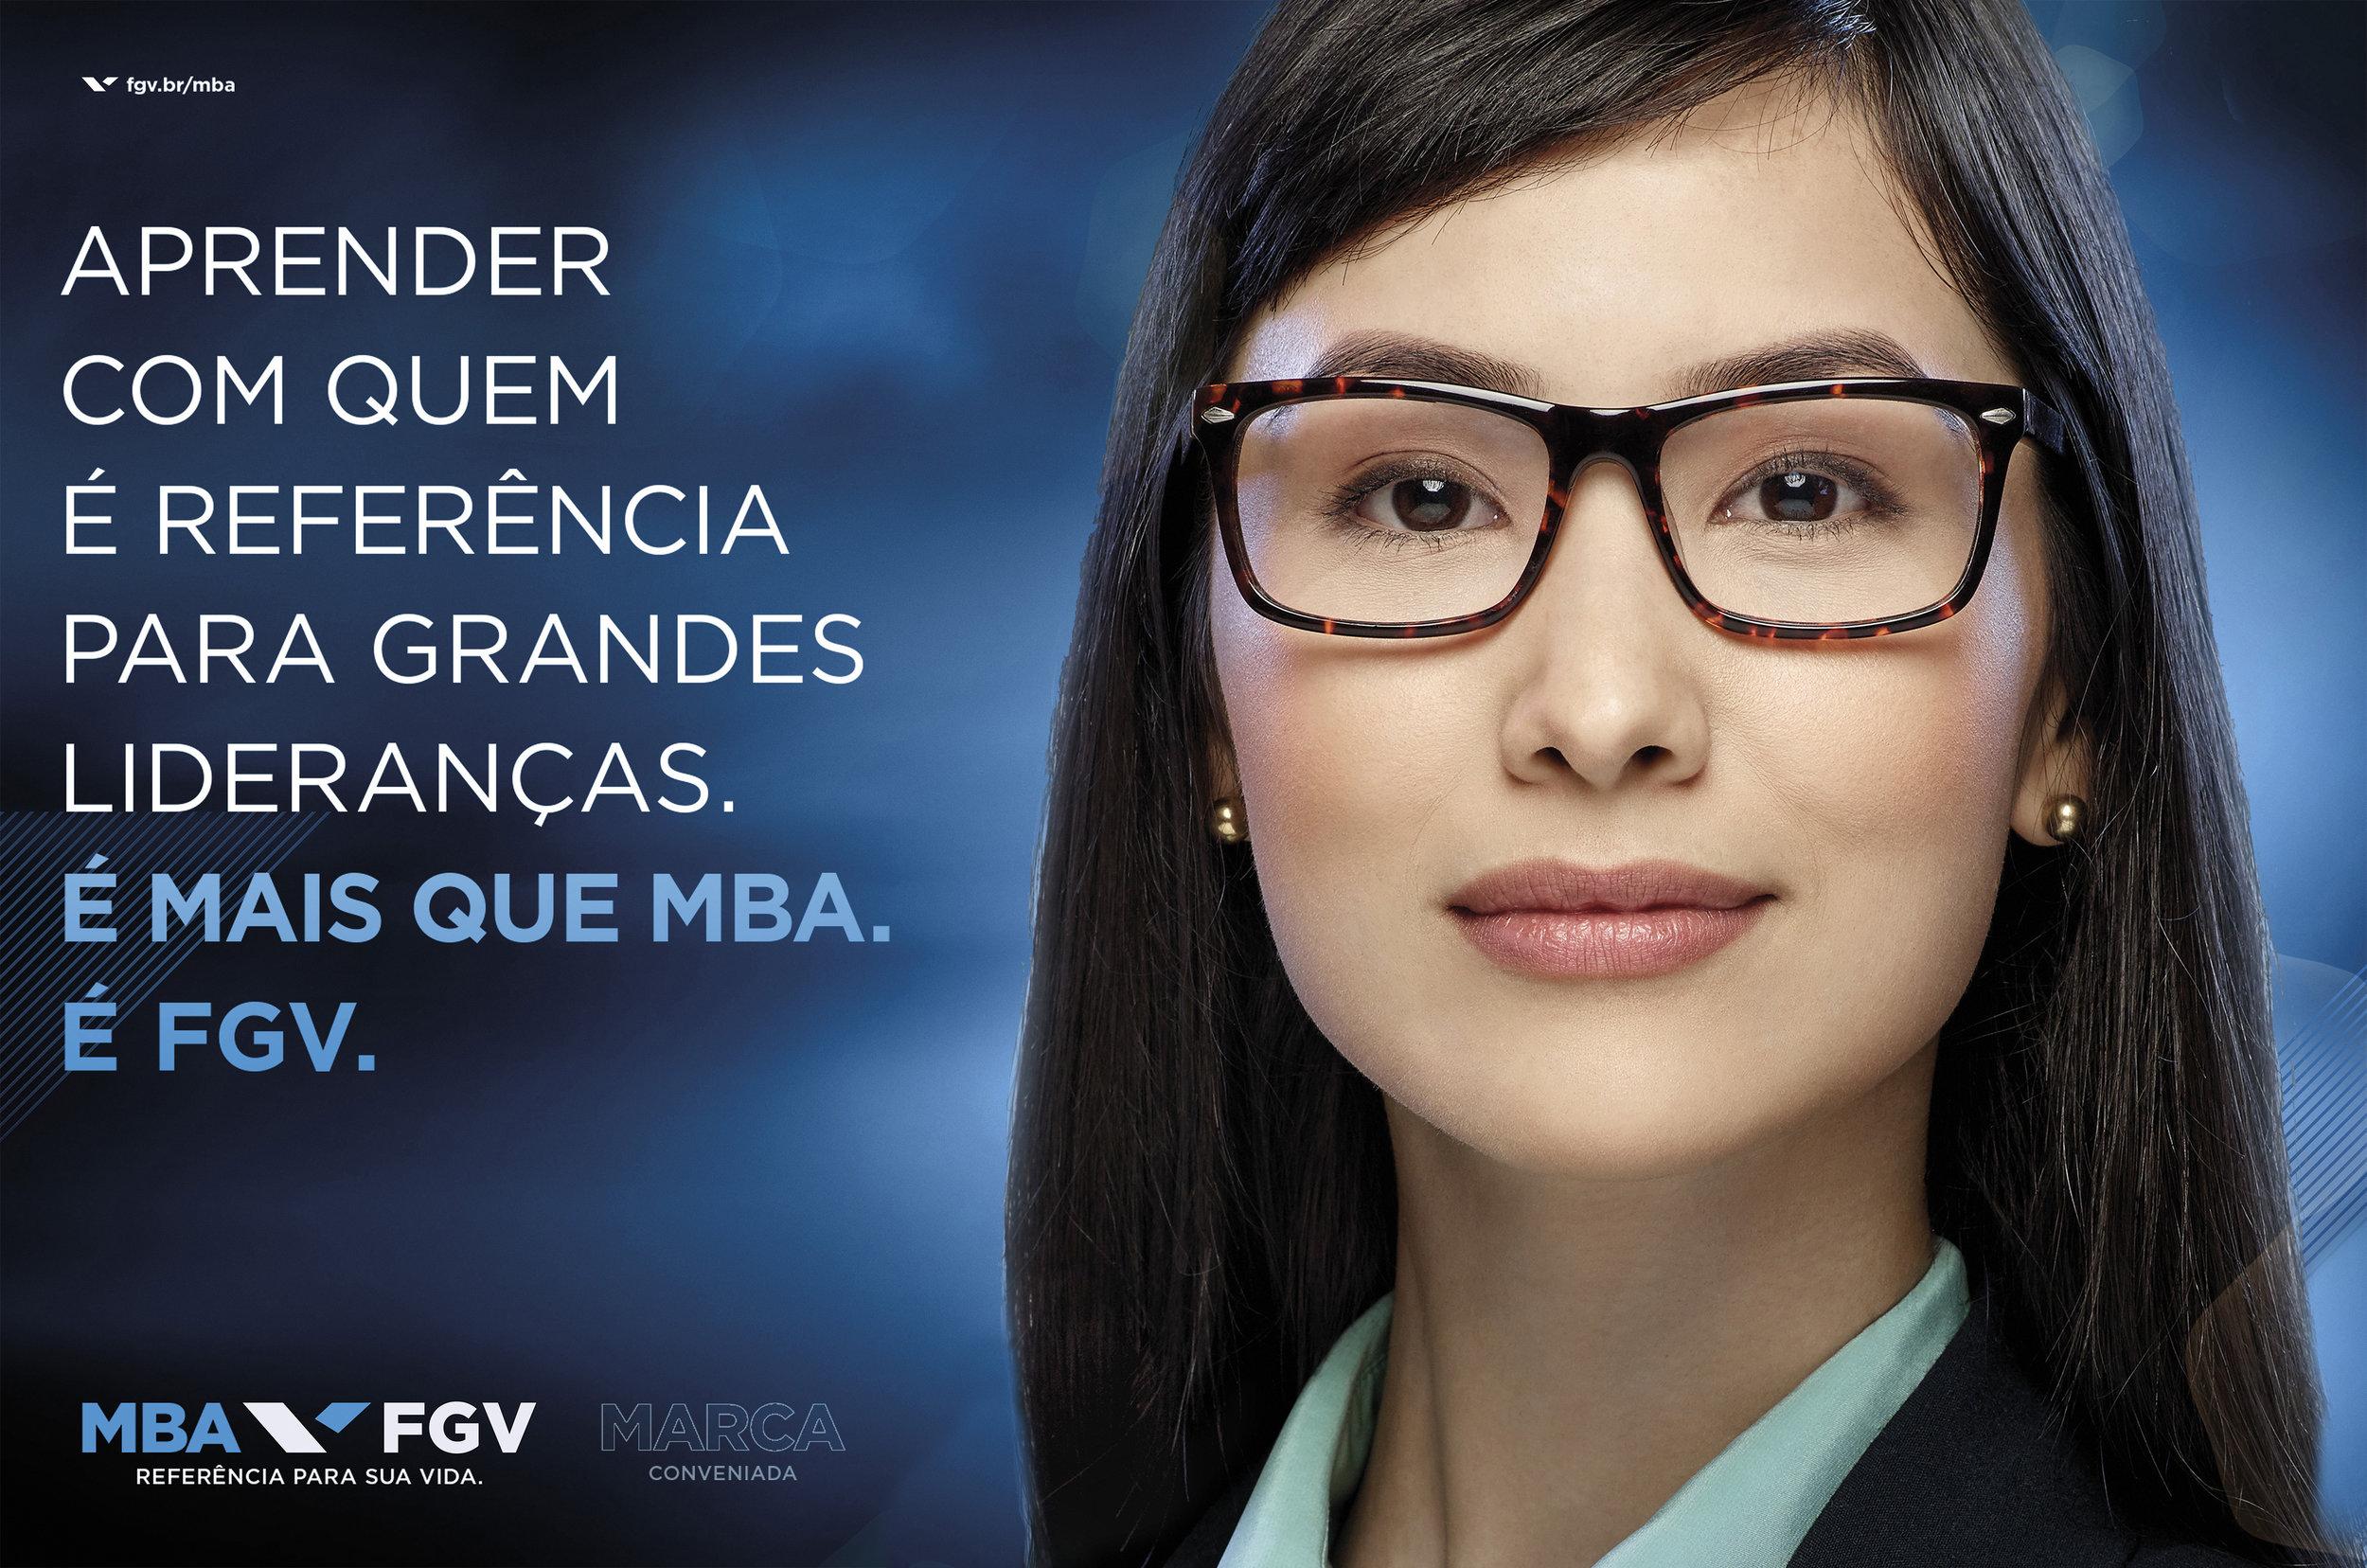 FGV MBA48159_japa copie 2.jpg